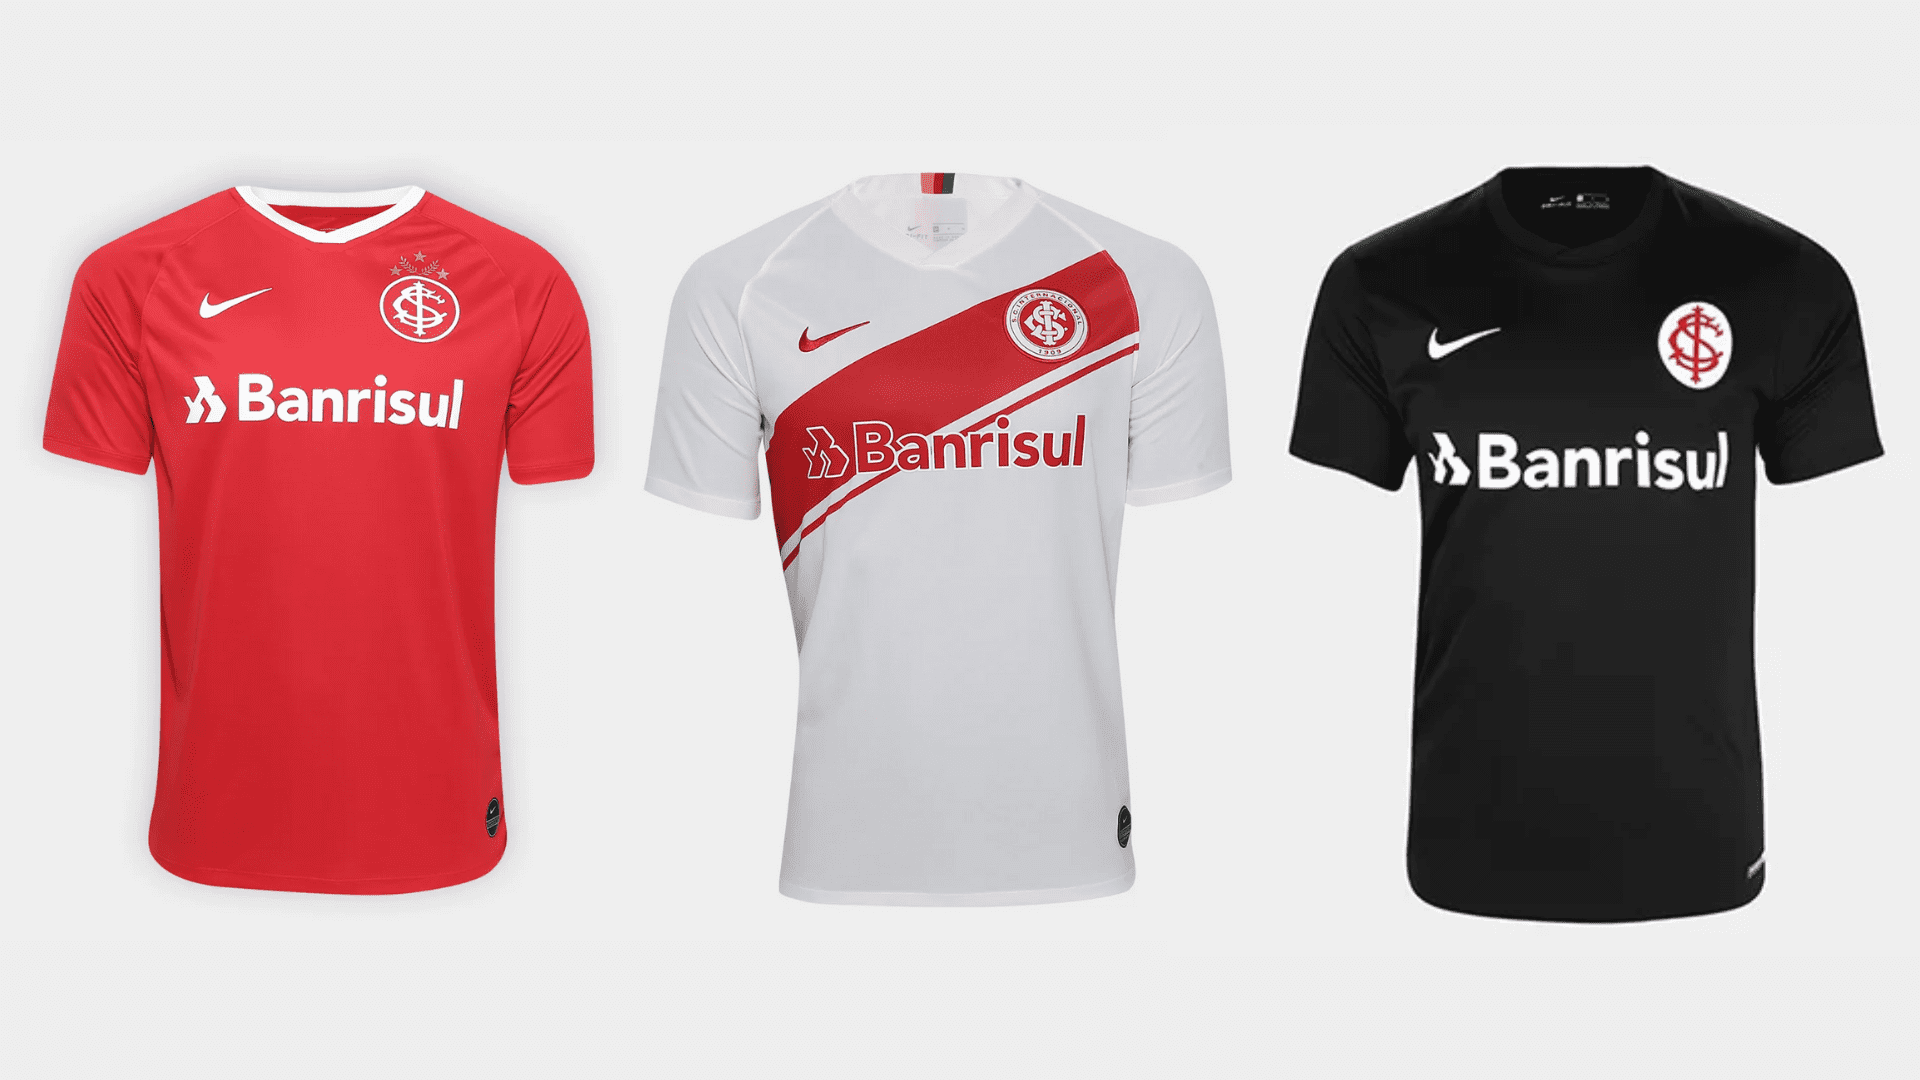 Camisa do Internacional 2019 Nike Jogo 1, 2 e 3 (Imagem: Divulgação/Nike)